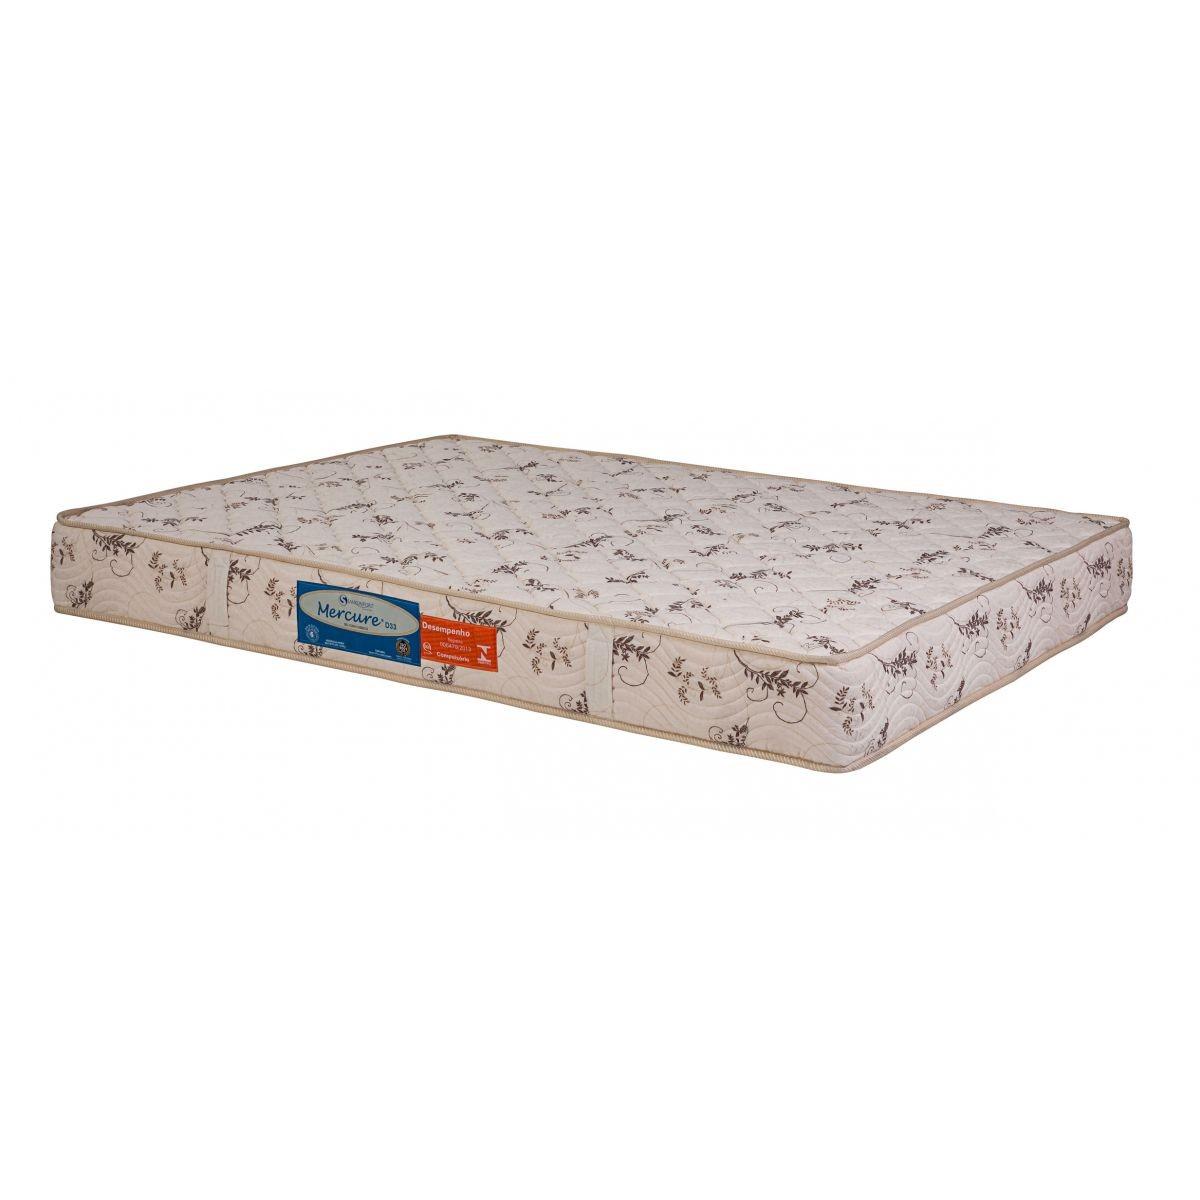 Colchão Sankonfort de Casal de Espuma D33 Mercure 14 cm